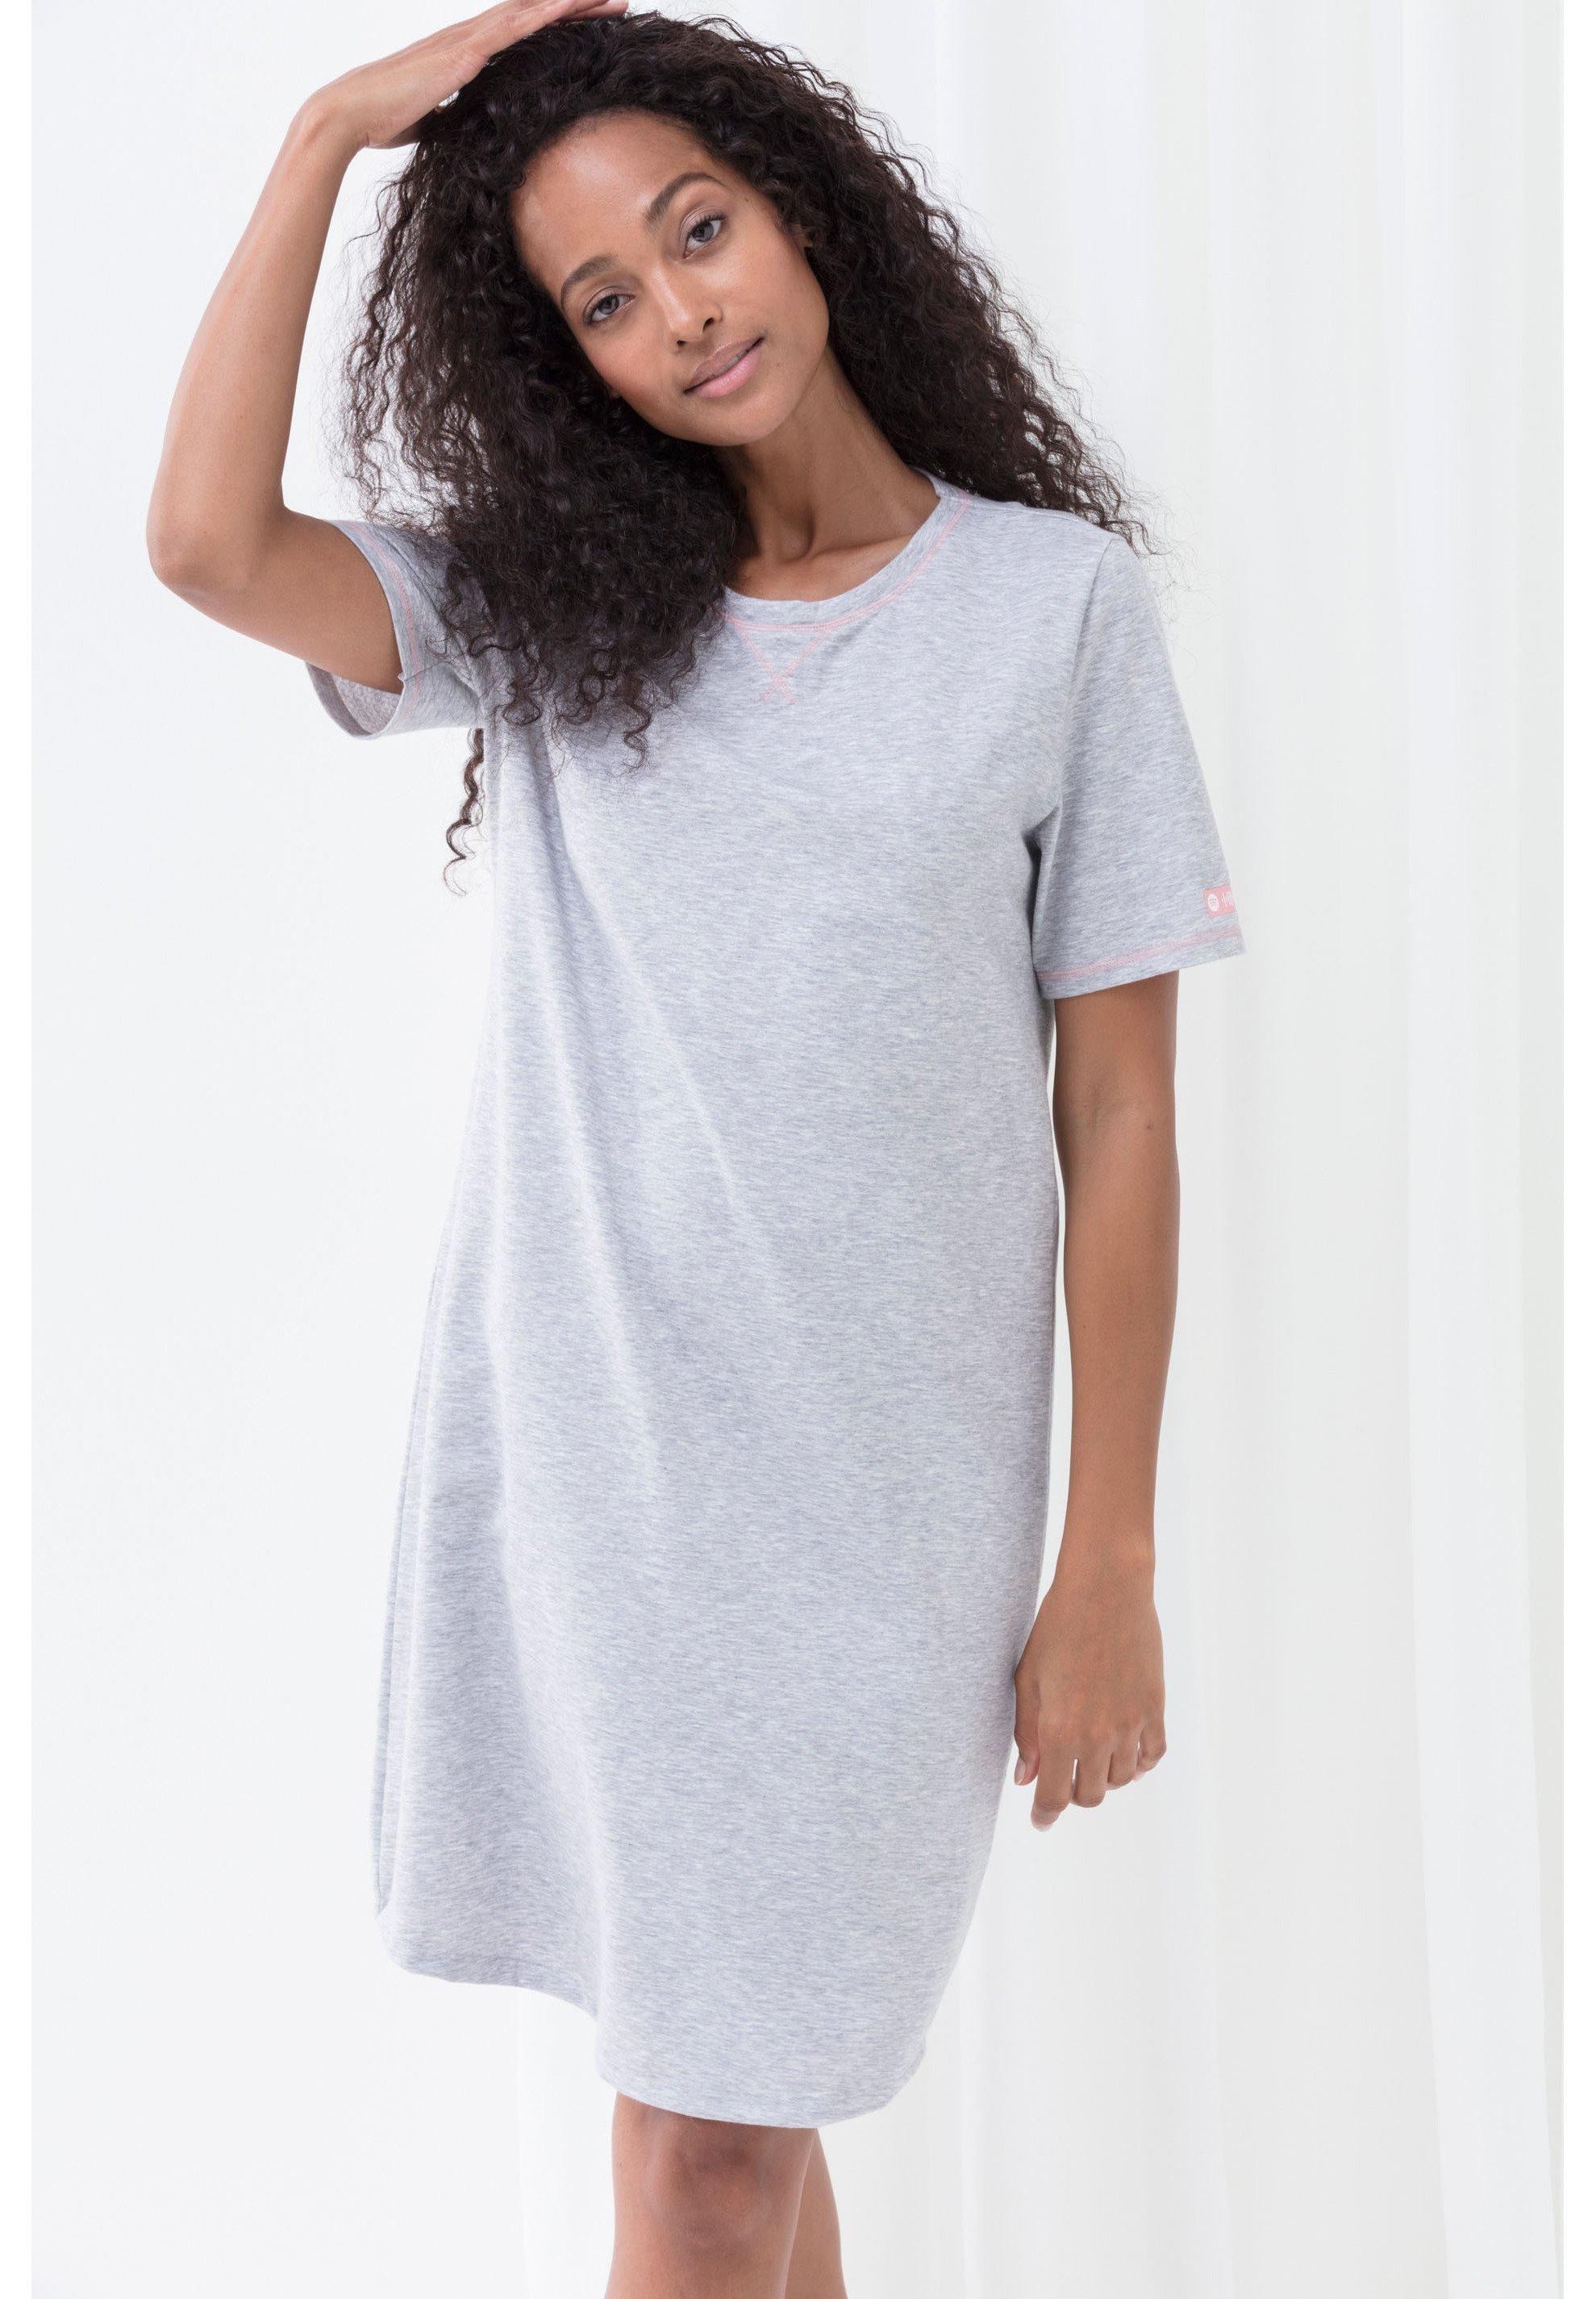 Damen LANGES SCHLAFSHIRT SERIE ZZZLEEPWEAR - Nachthemd